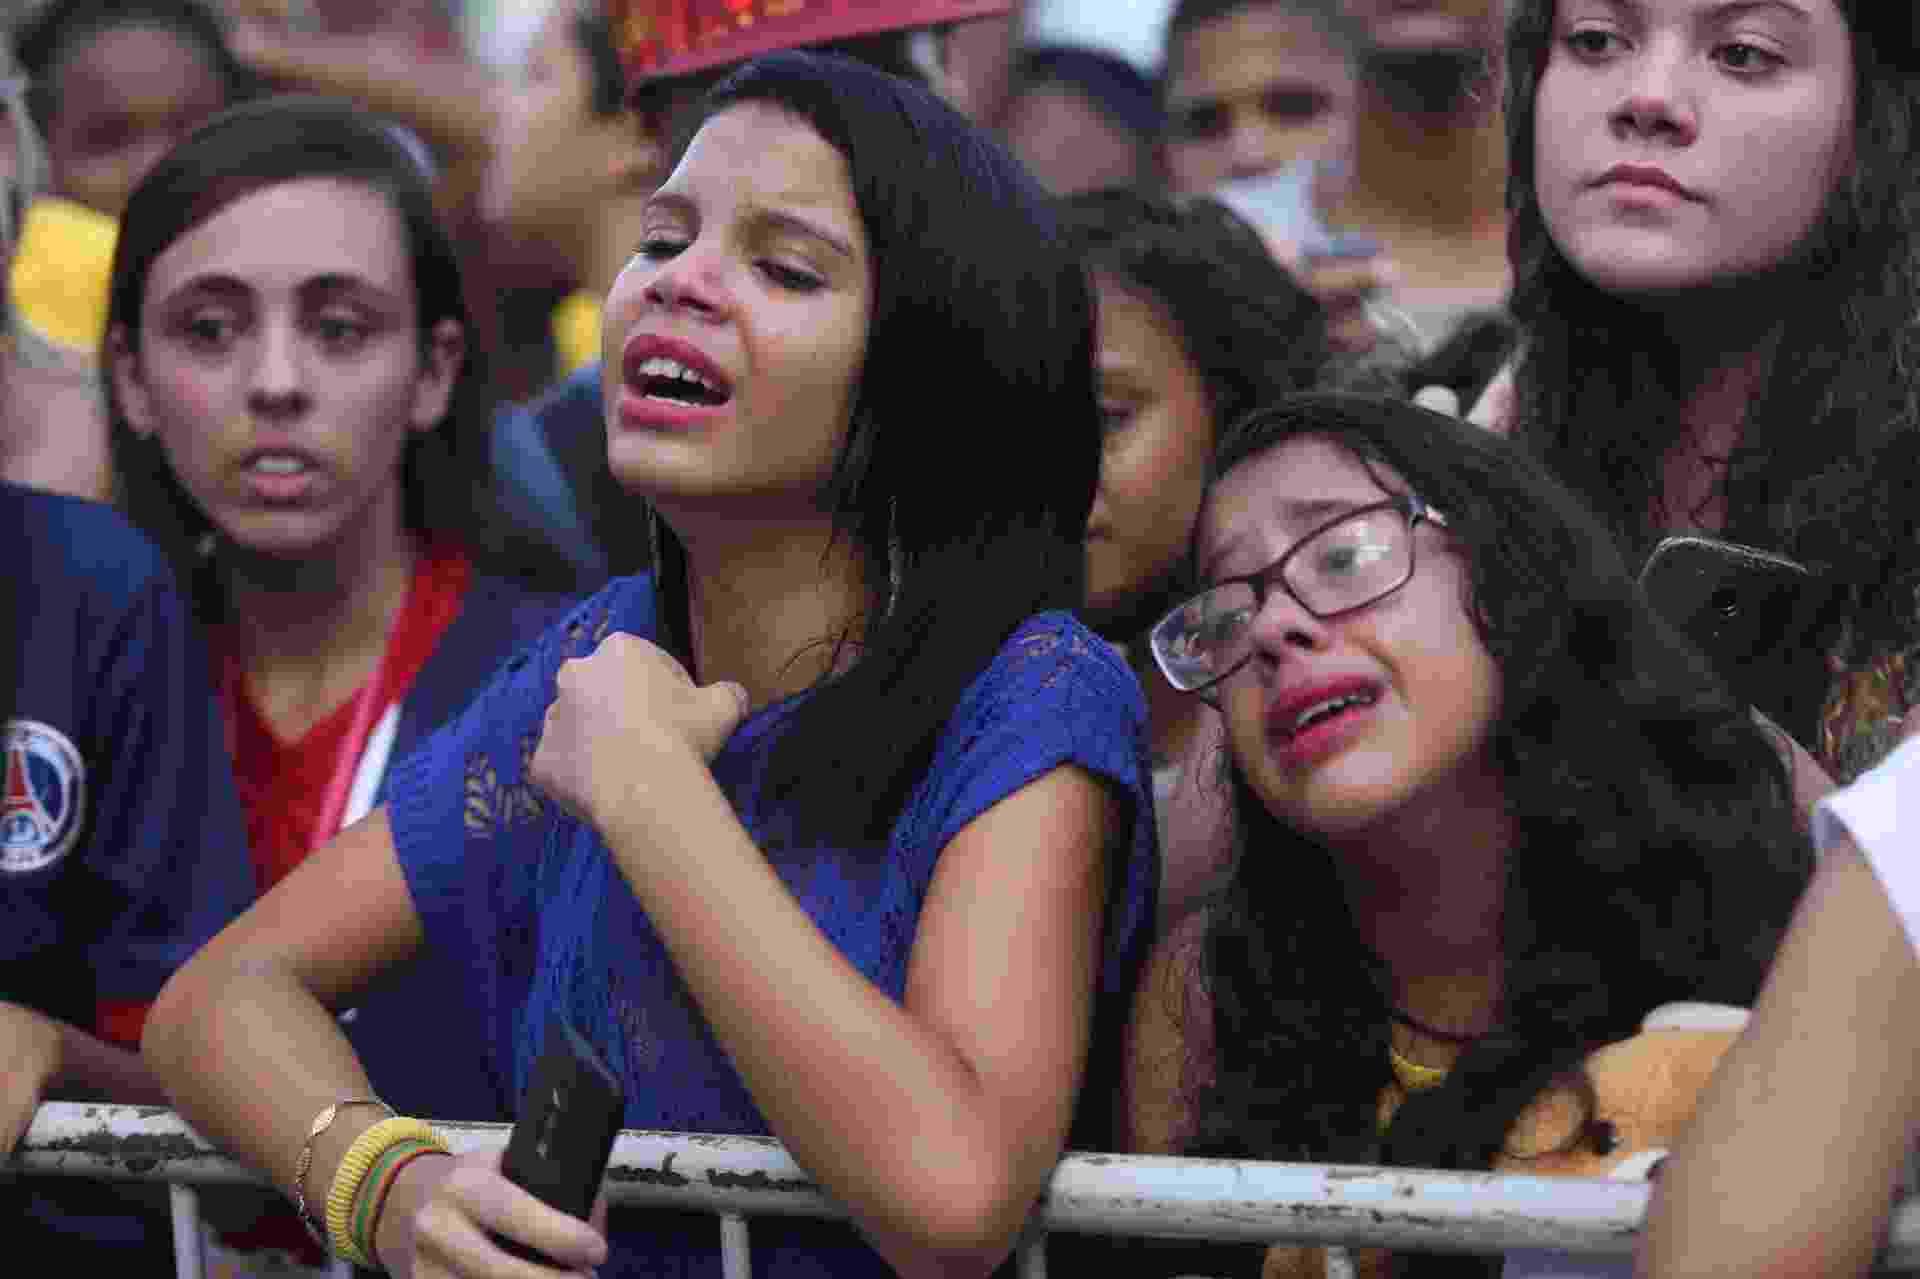 Garotas vão ao desespero com a chegada da seleção, especialmente com a de Neymar - Lucas Figueiredo / MoWA Press